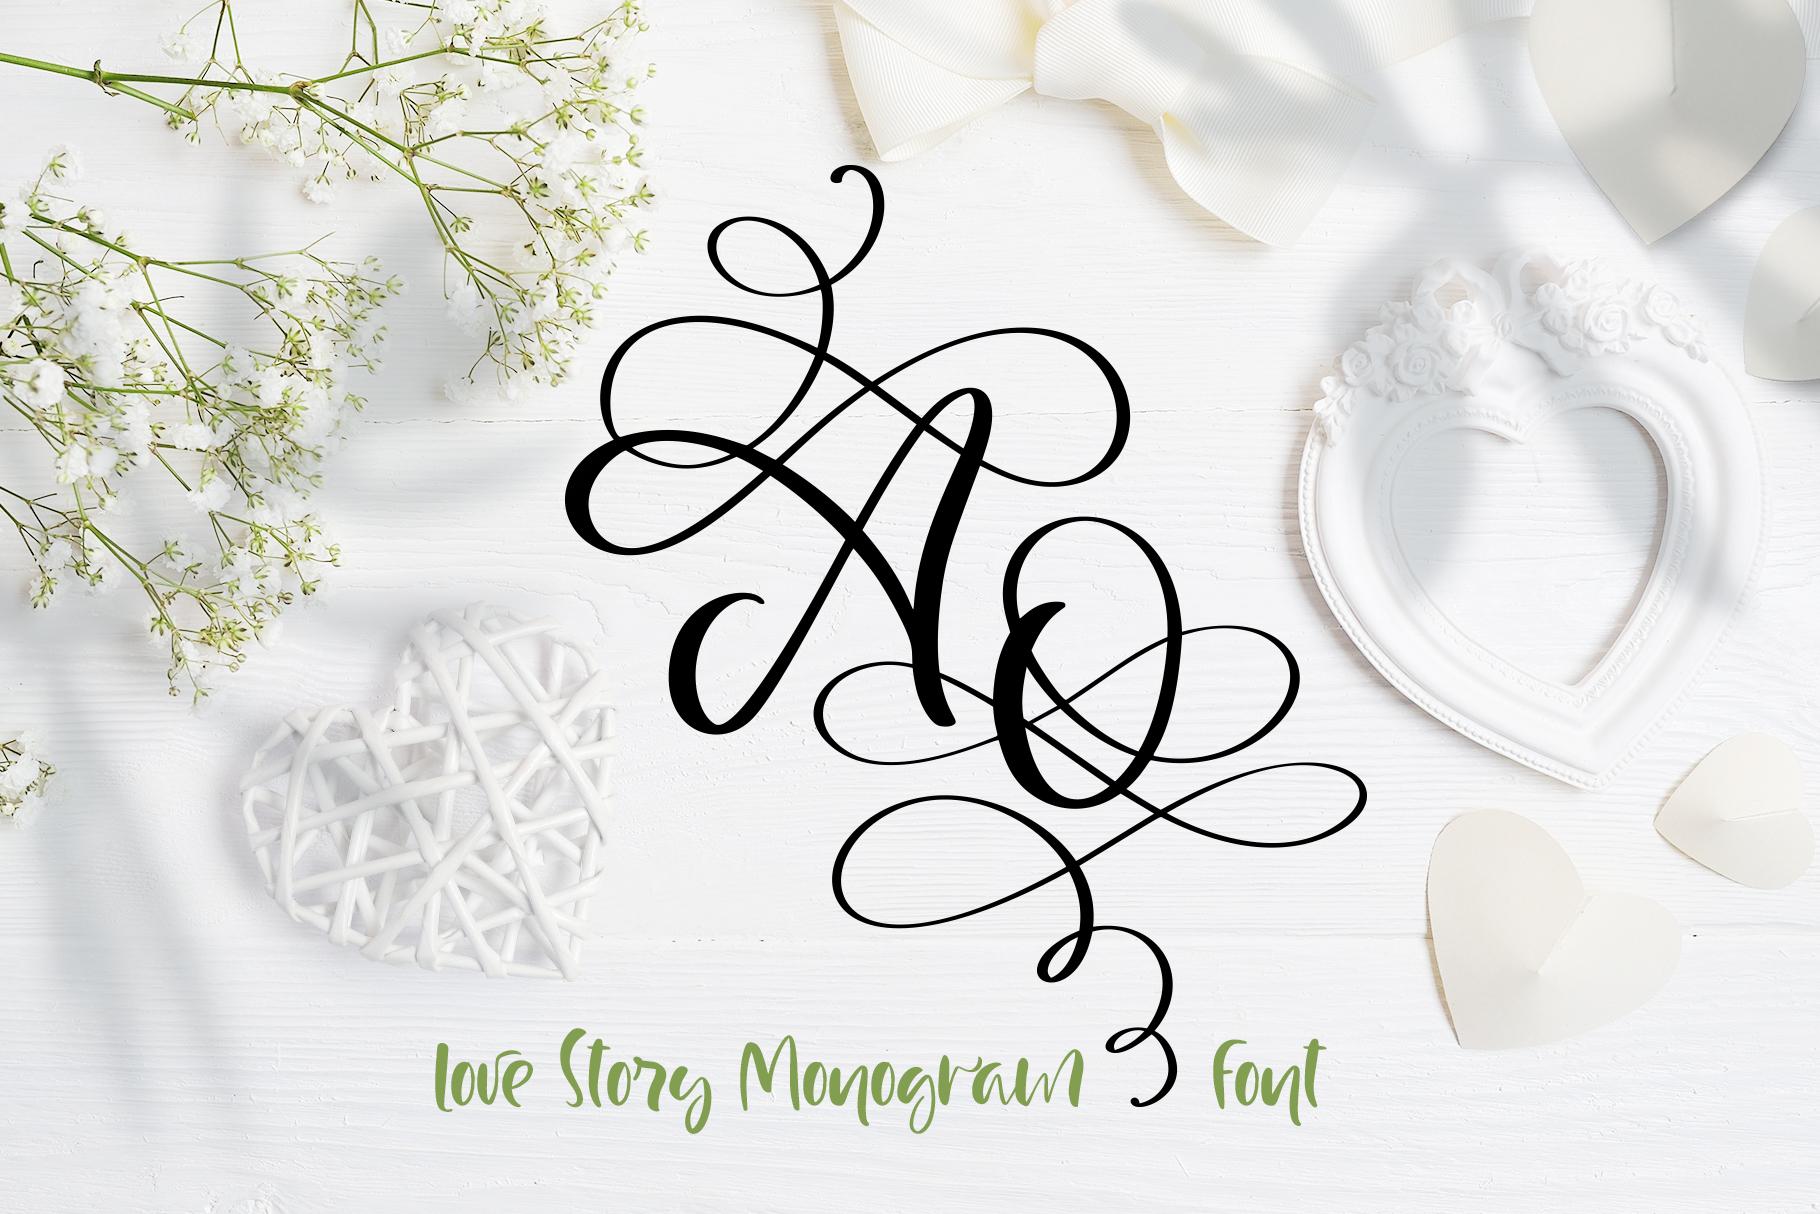 Love Letters Monogram Font - title01